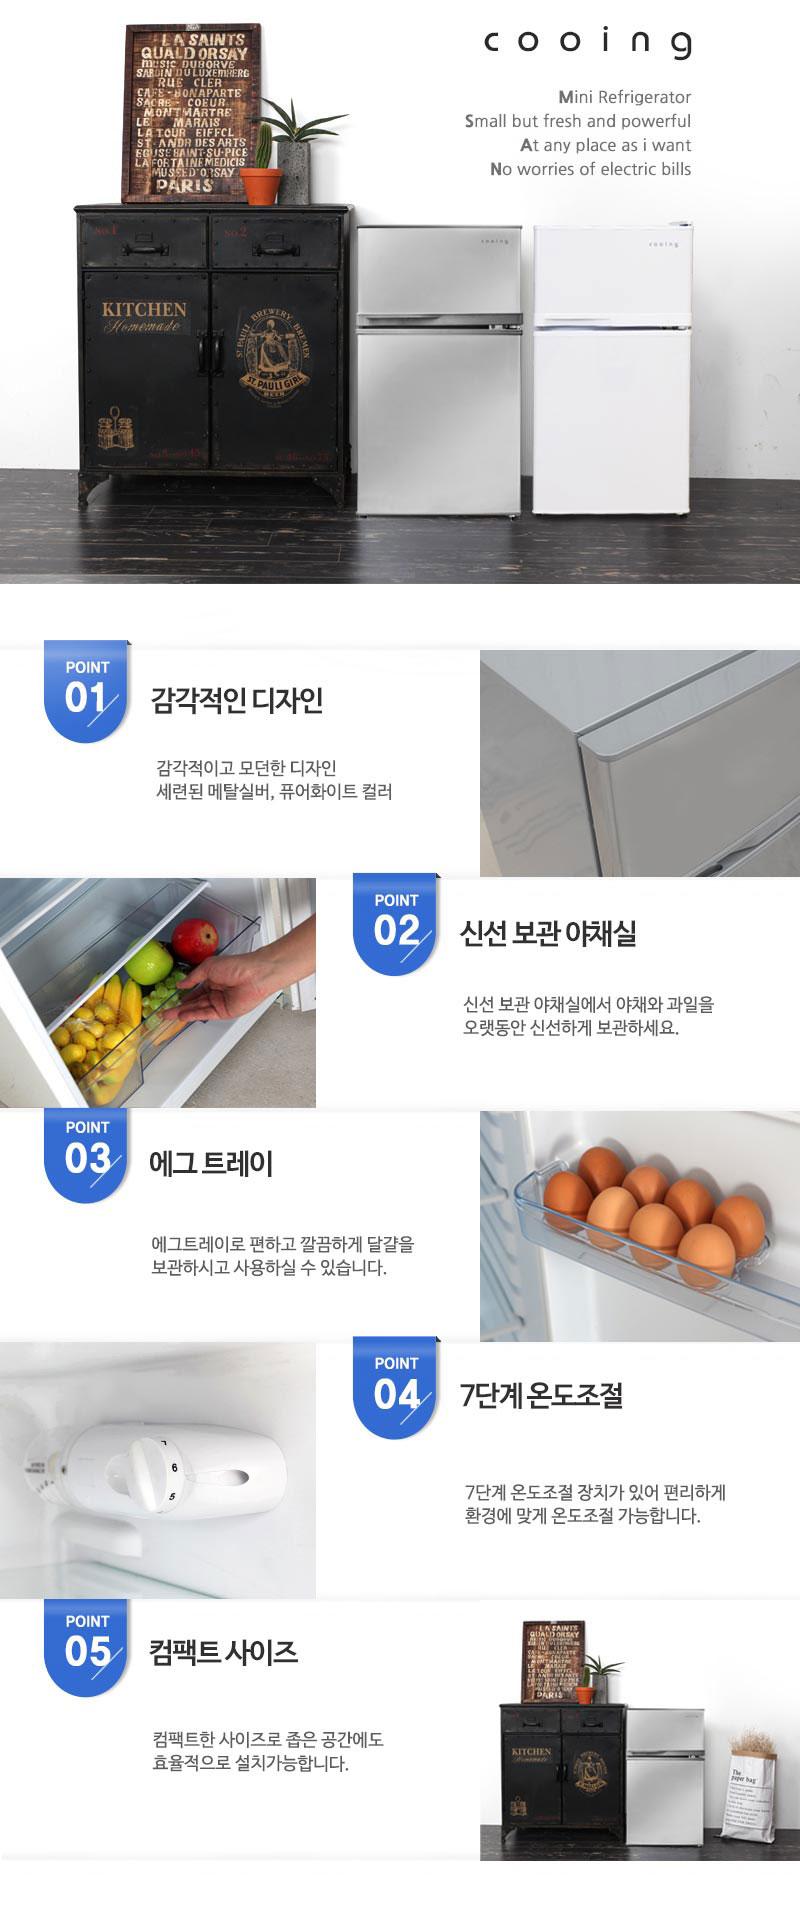 상세페이지 3, 감각적인 디자인, 신선 보관 야채실, 에그 트레이, 7단계 온도 조절, 컴팩트 사이즈